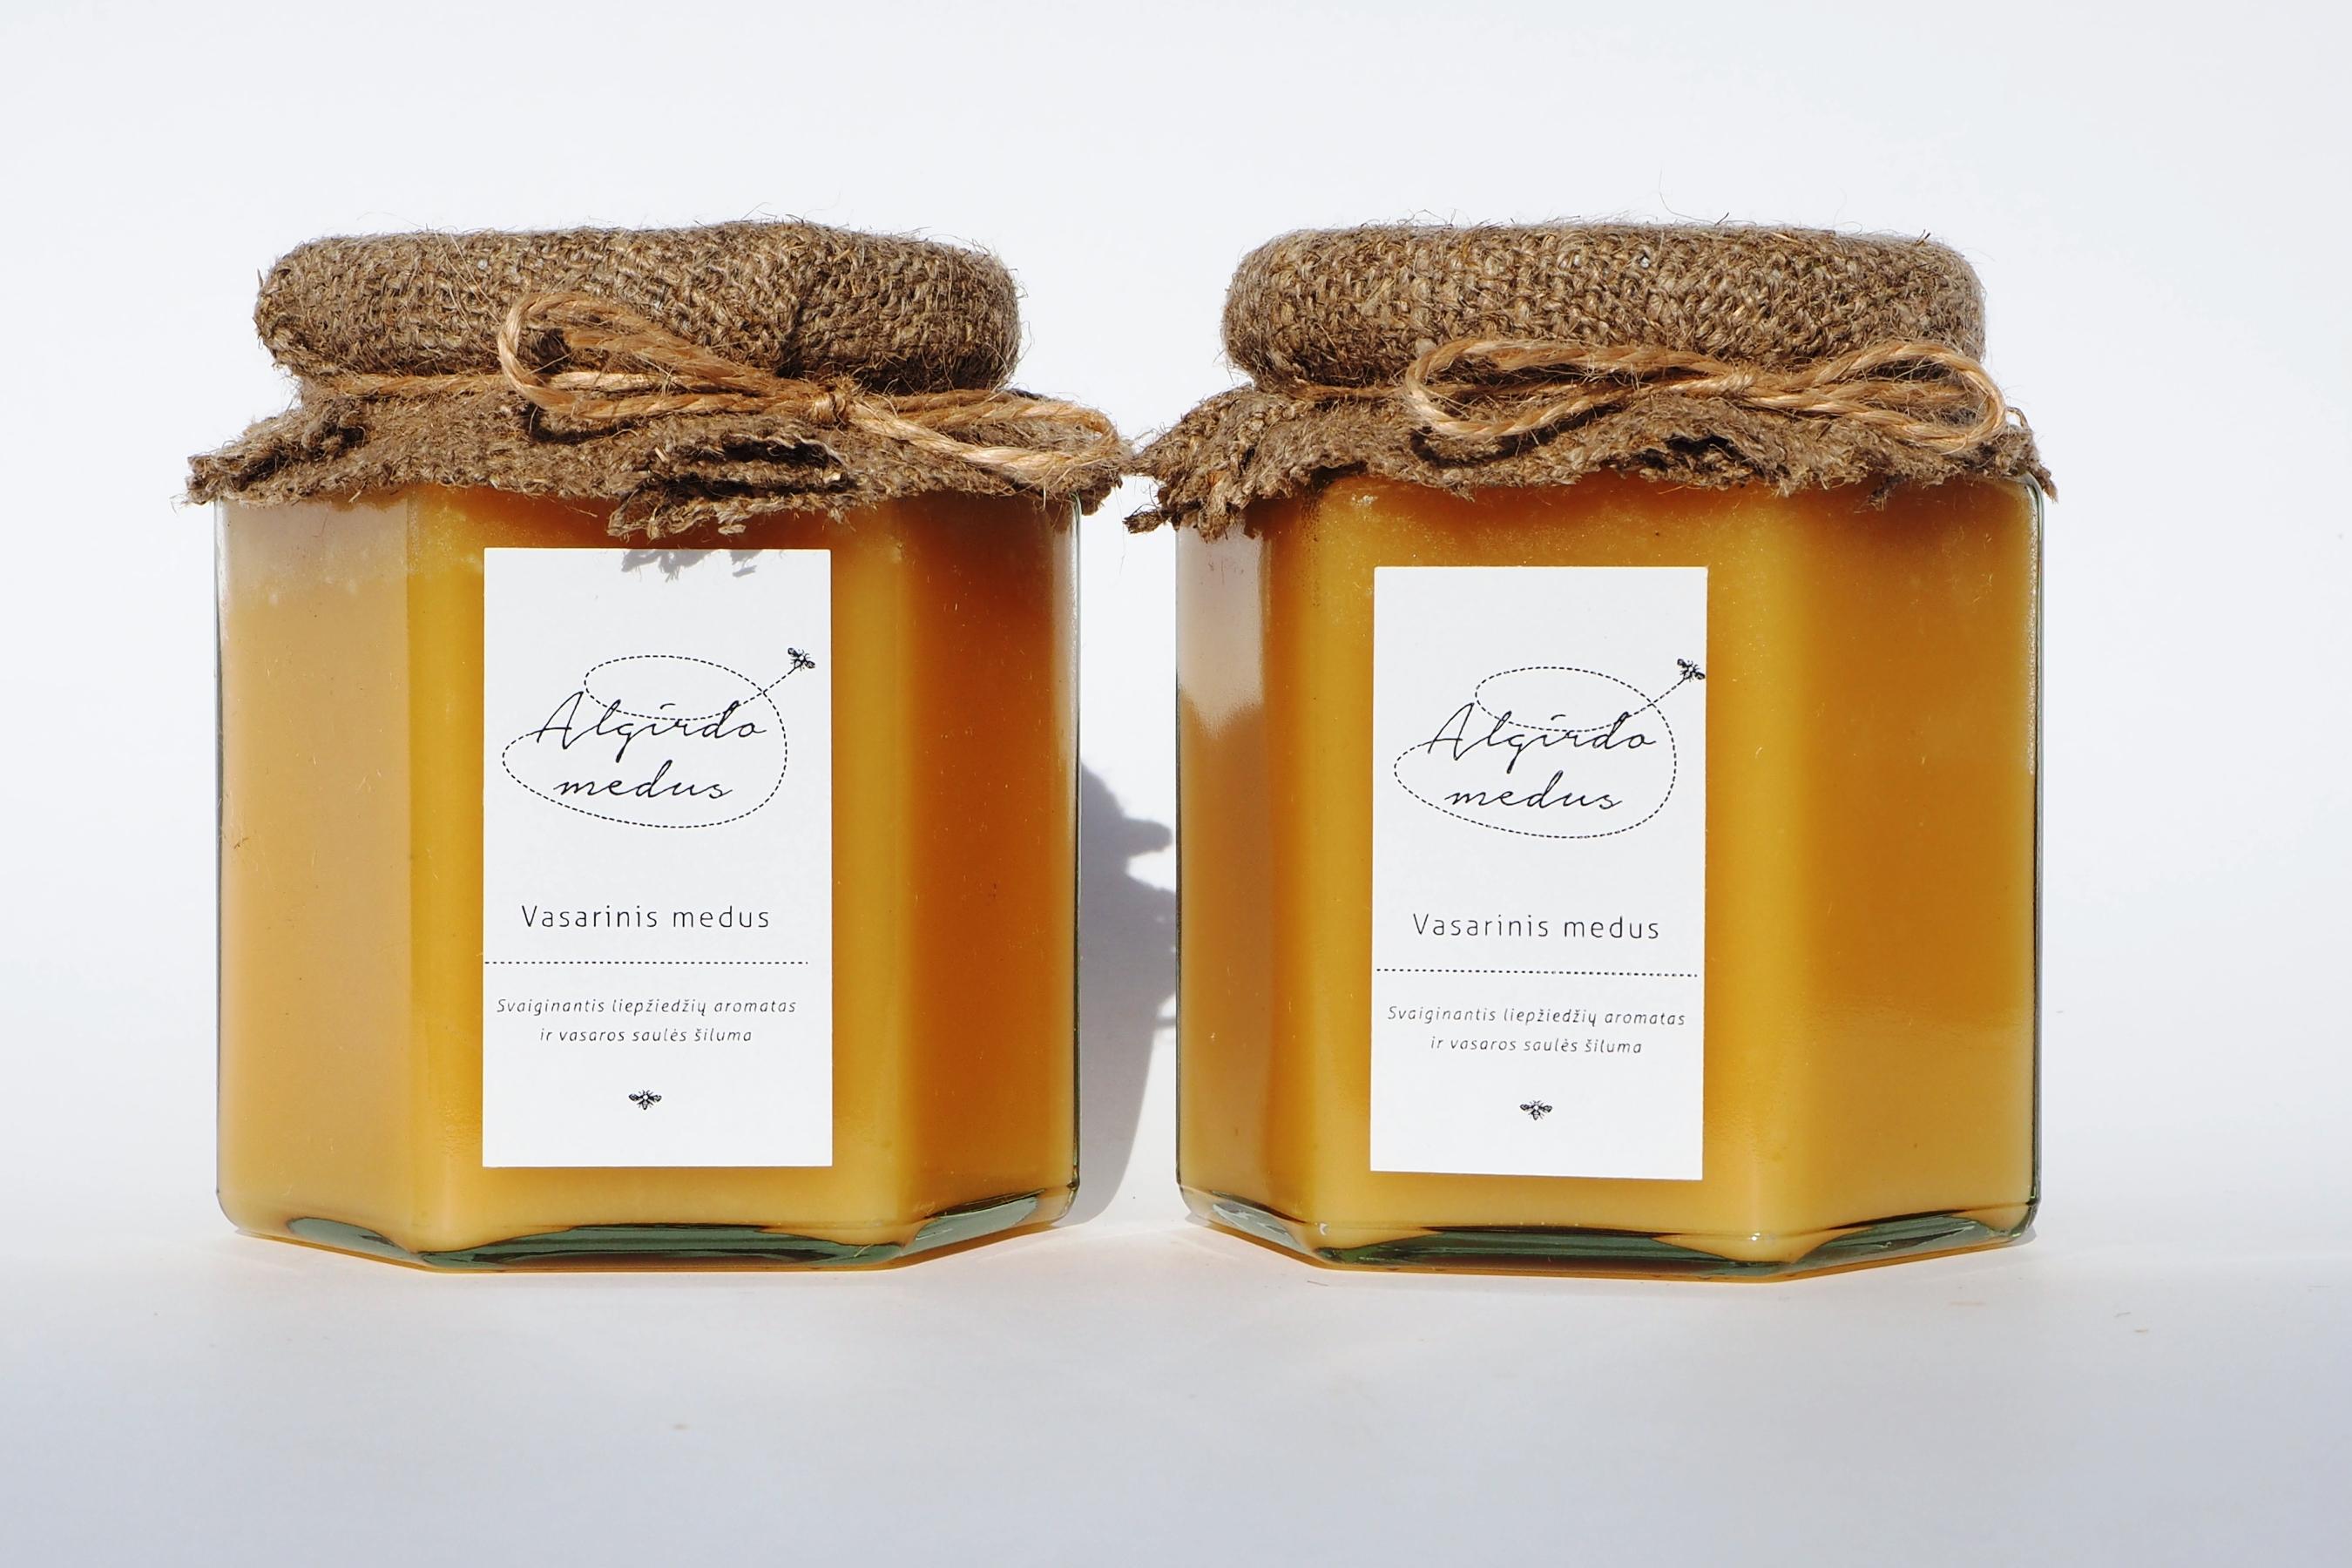 Vasarinis (liepų) medus šešiakampiame stiklainėlyje. Grynasis kiekis – 500 g.